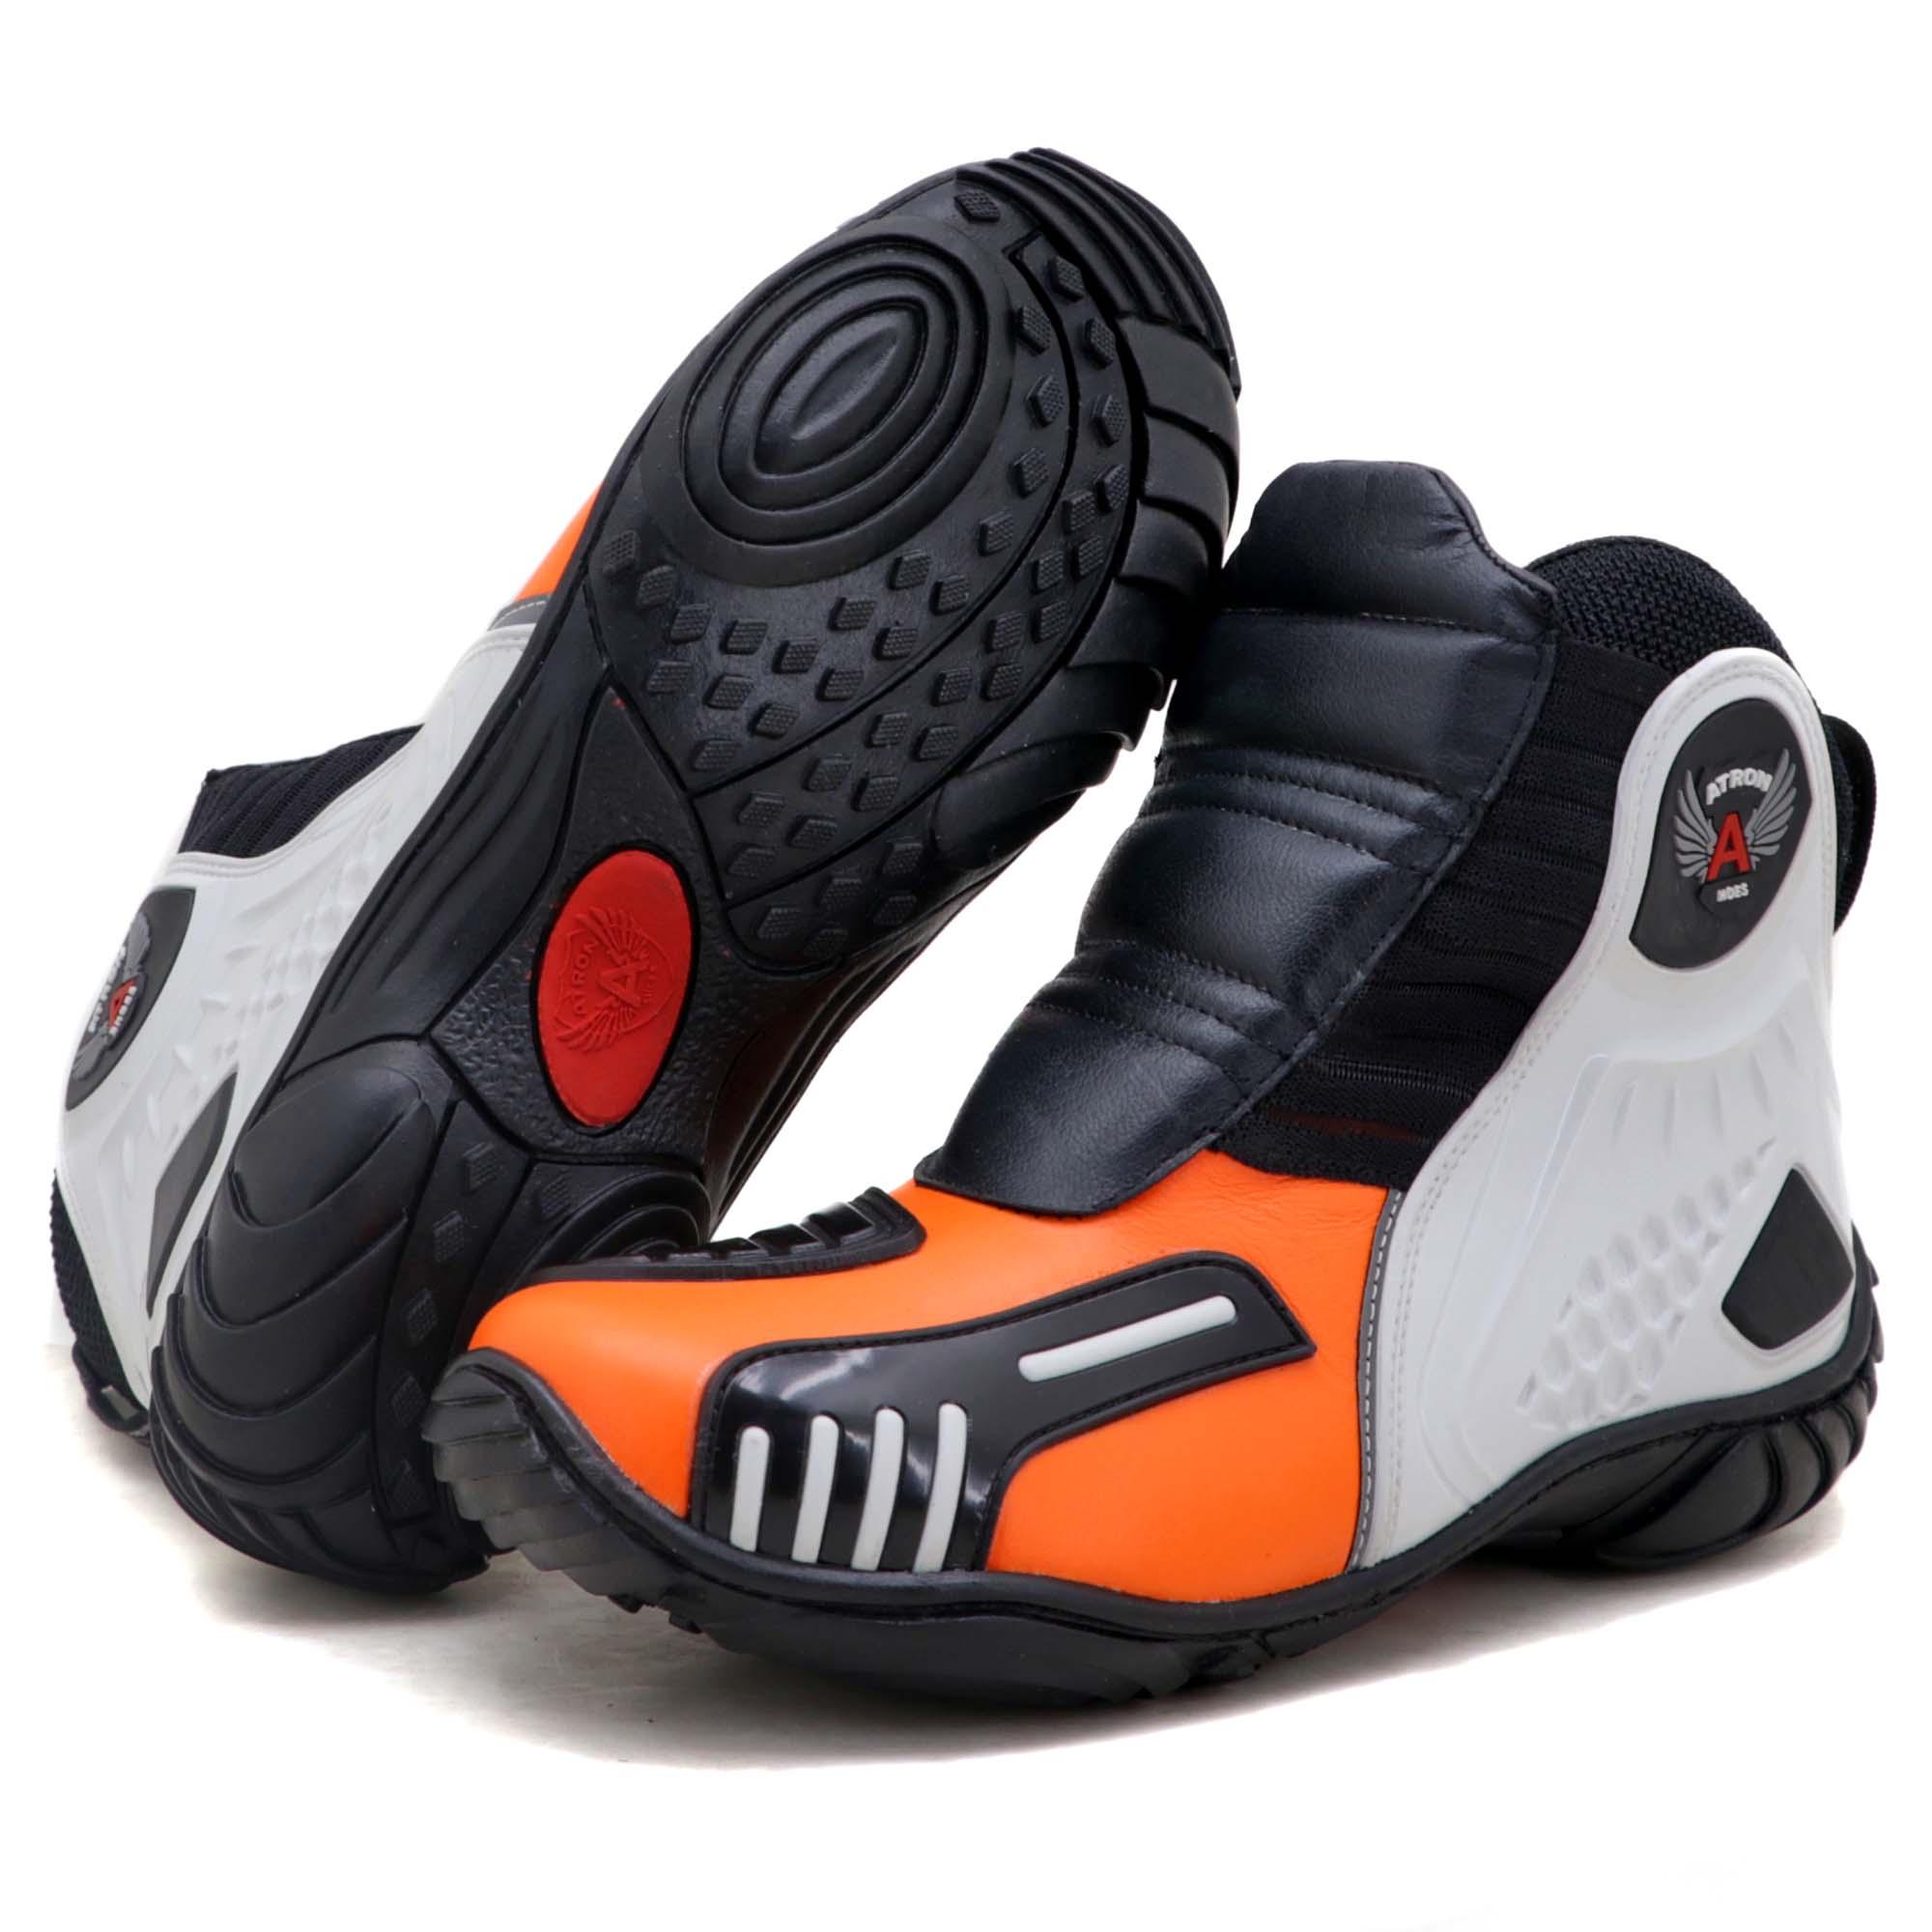 Bota motociclista Atron Shoes AS-HIGHWAY em couro legítimo semi-impermeável emborrachada Com elástico na cor Laranja 408